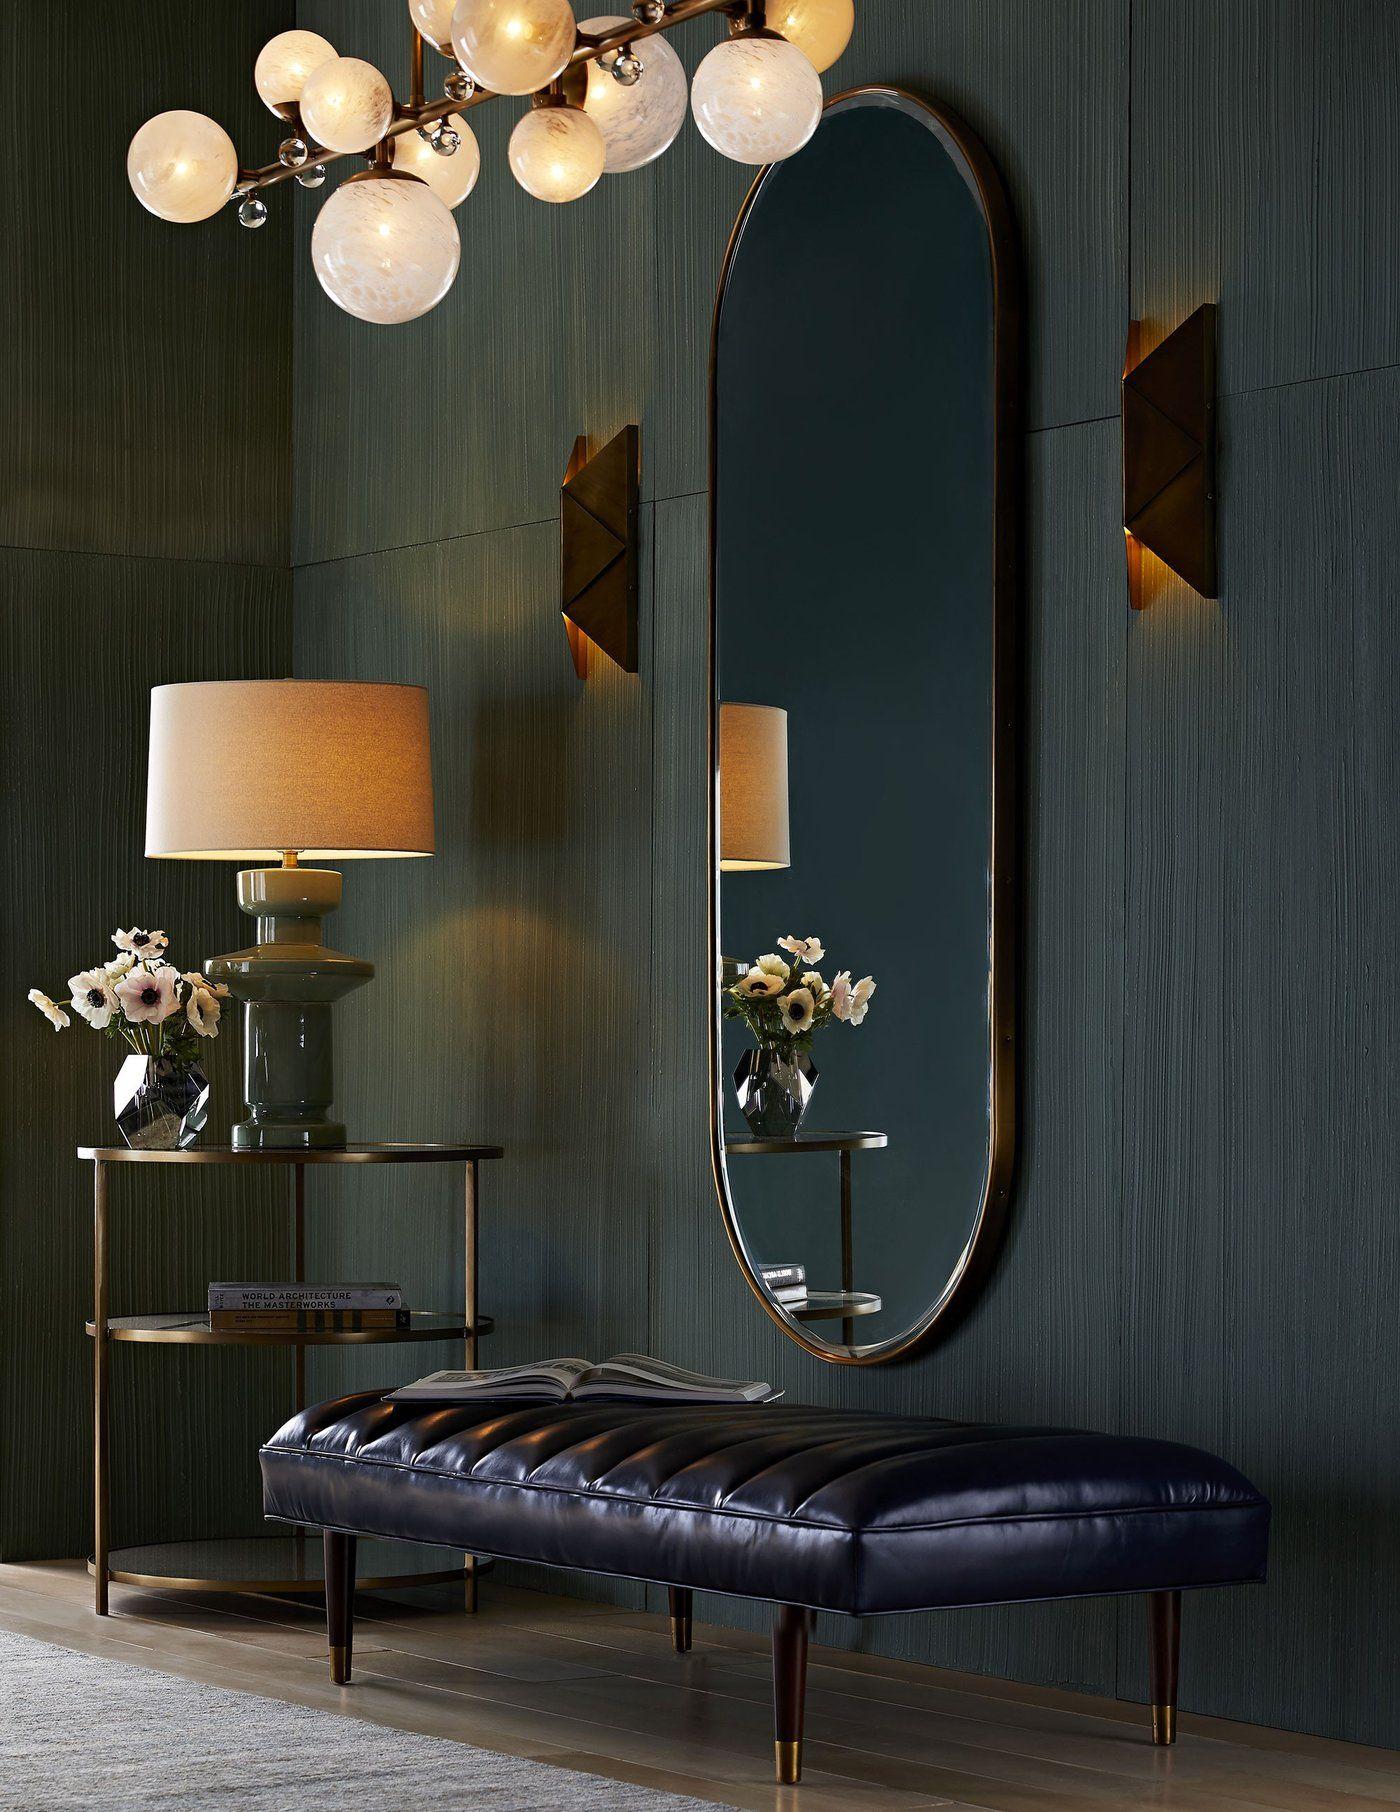 Vaquero Mirror in 2020 | Home decor, Dark interiors, Decor